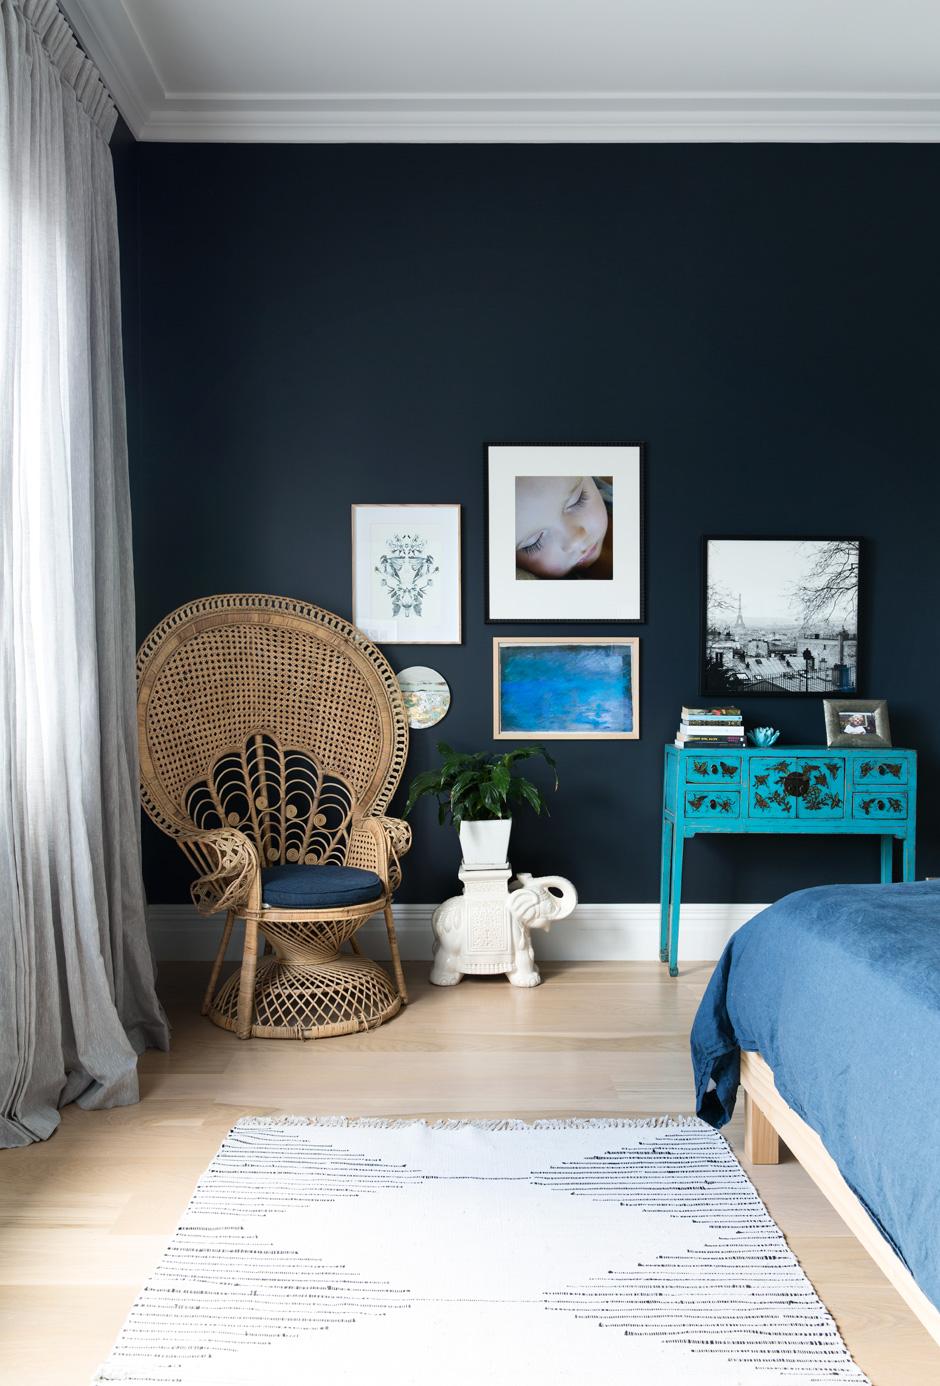 Mooie slaapkamer met luxe en suite badkamer slaapkamer for Mooie slaapkamer